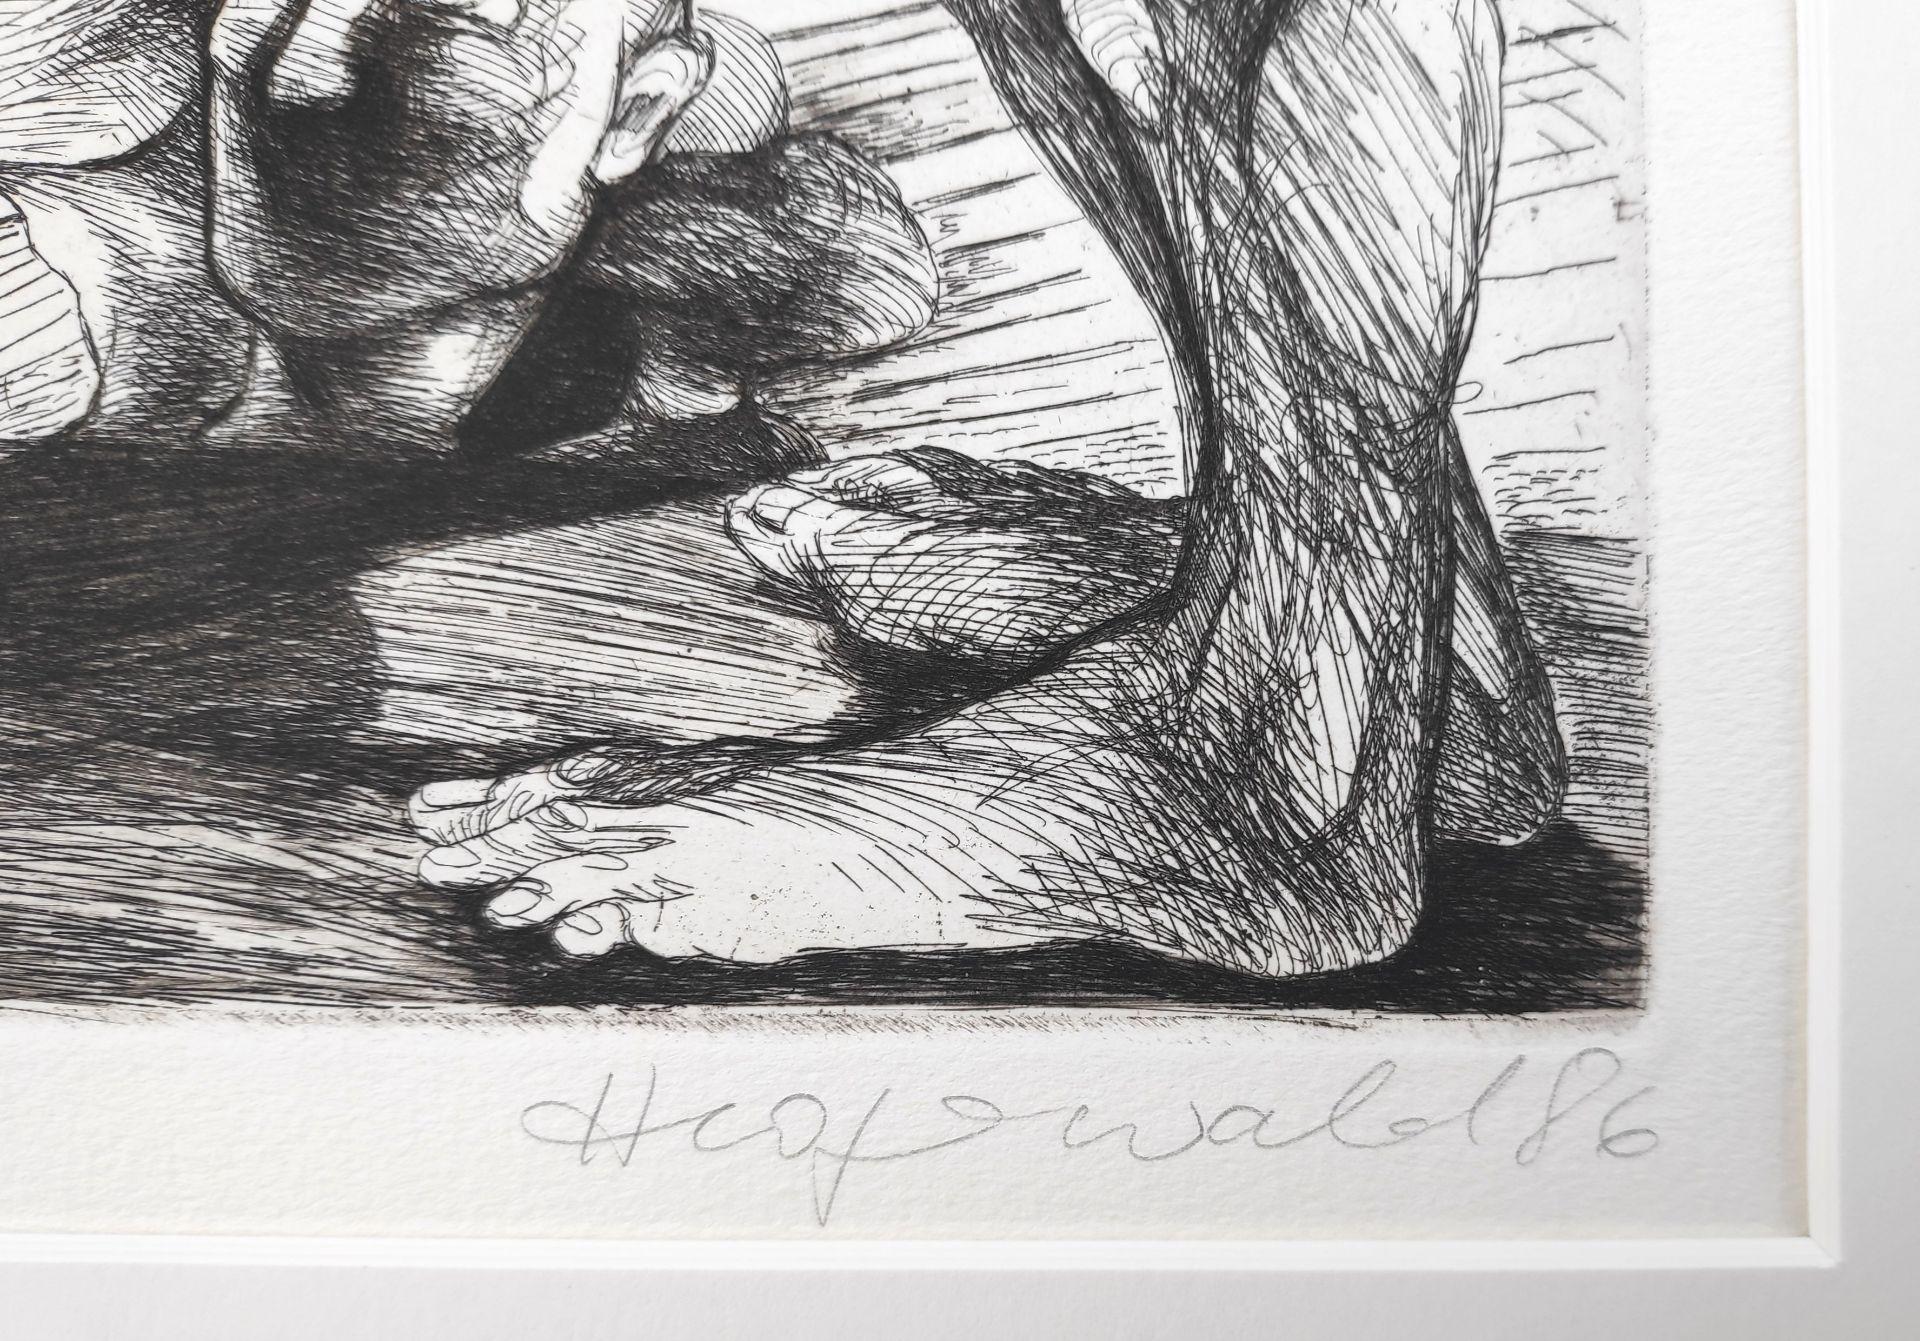 """Hegewald, Heidrun (1936 Meißen, lebt in Berlin) """"Zu J.R. Becher: Das Gerücht"""" - Bild 3 aus 3"""